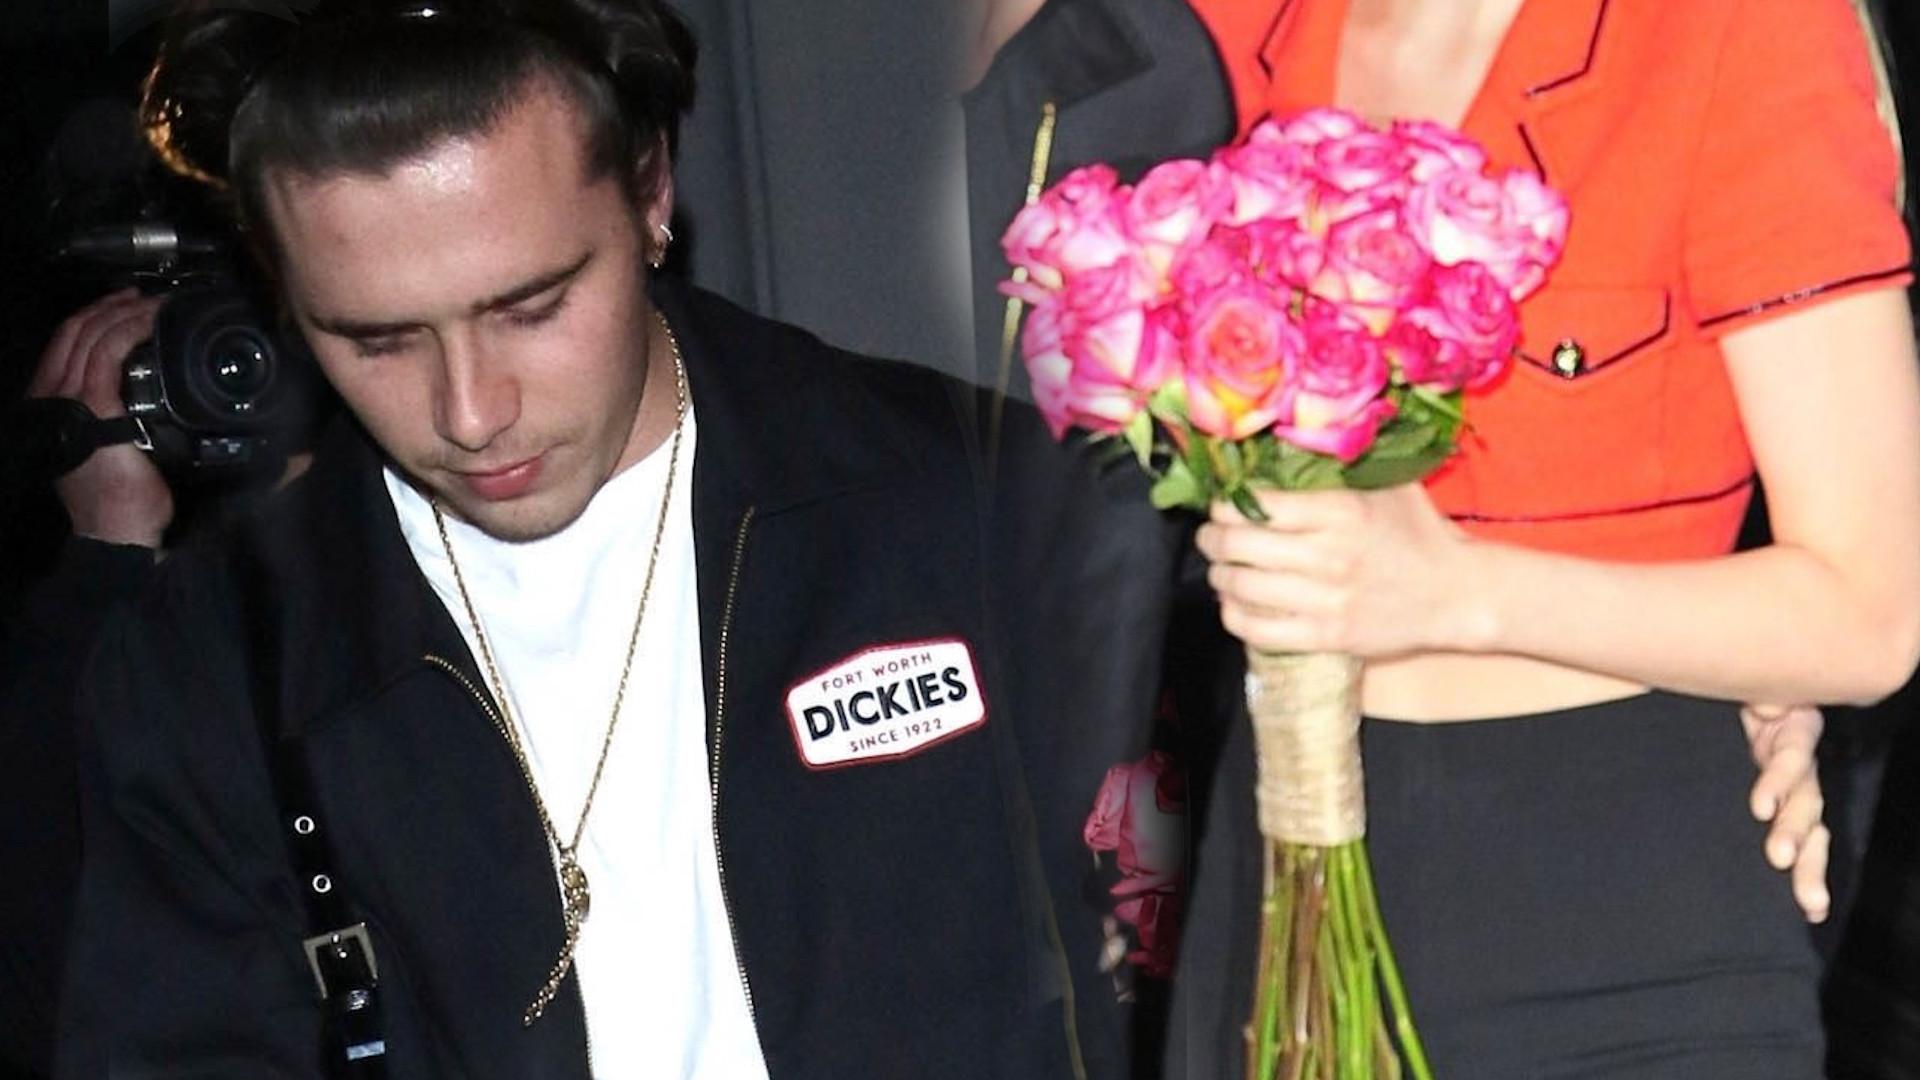 Brooklyn Beckham OFICJALNIE pokazał się z dziewczyną przed paparazzi (ZDJĘCIA)